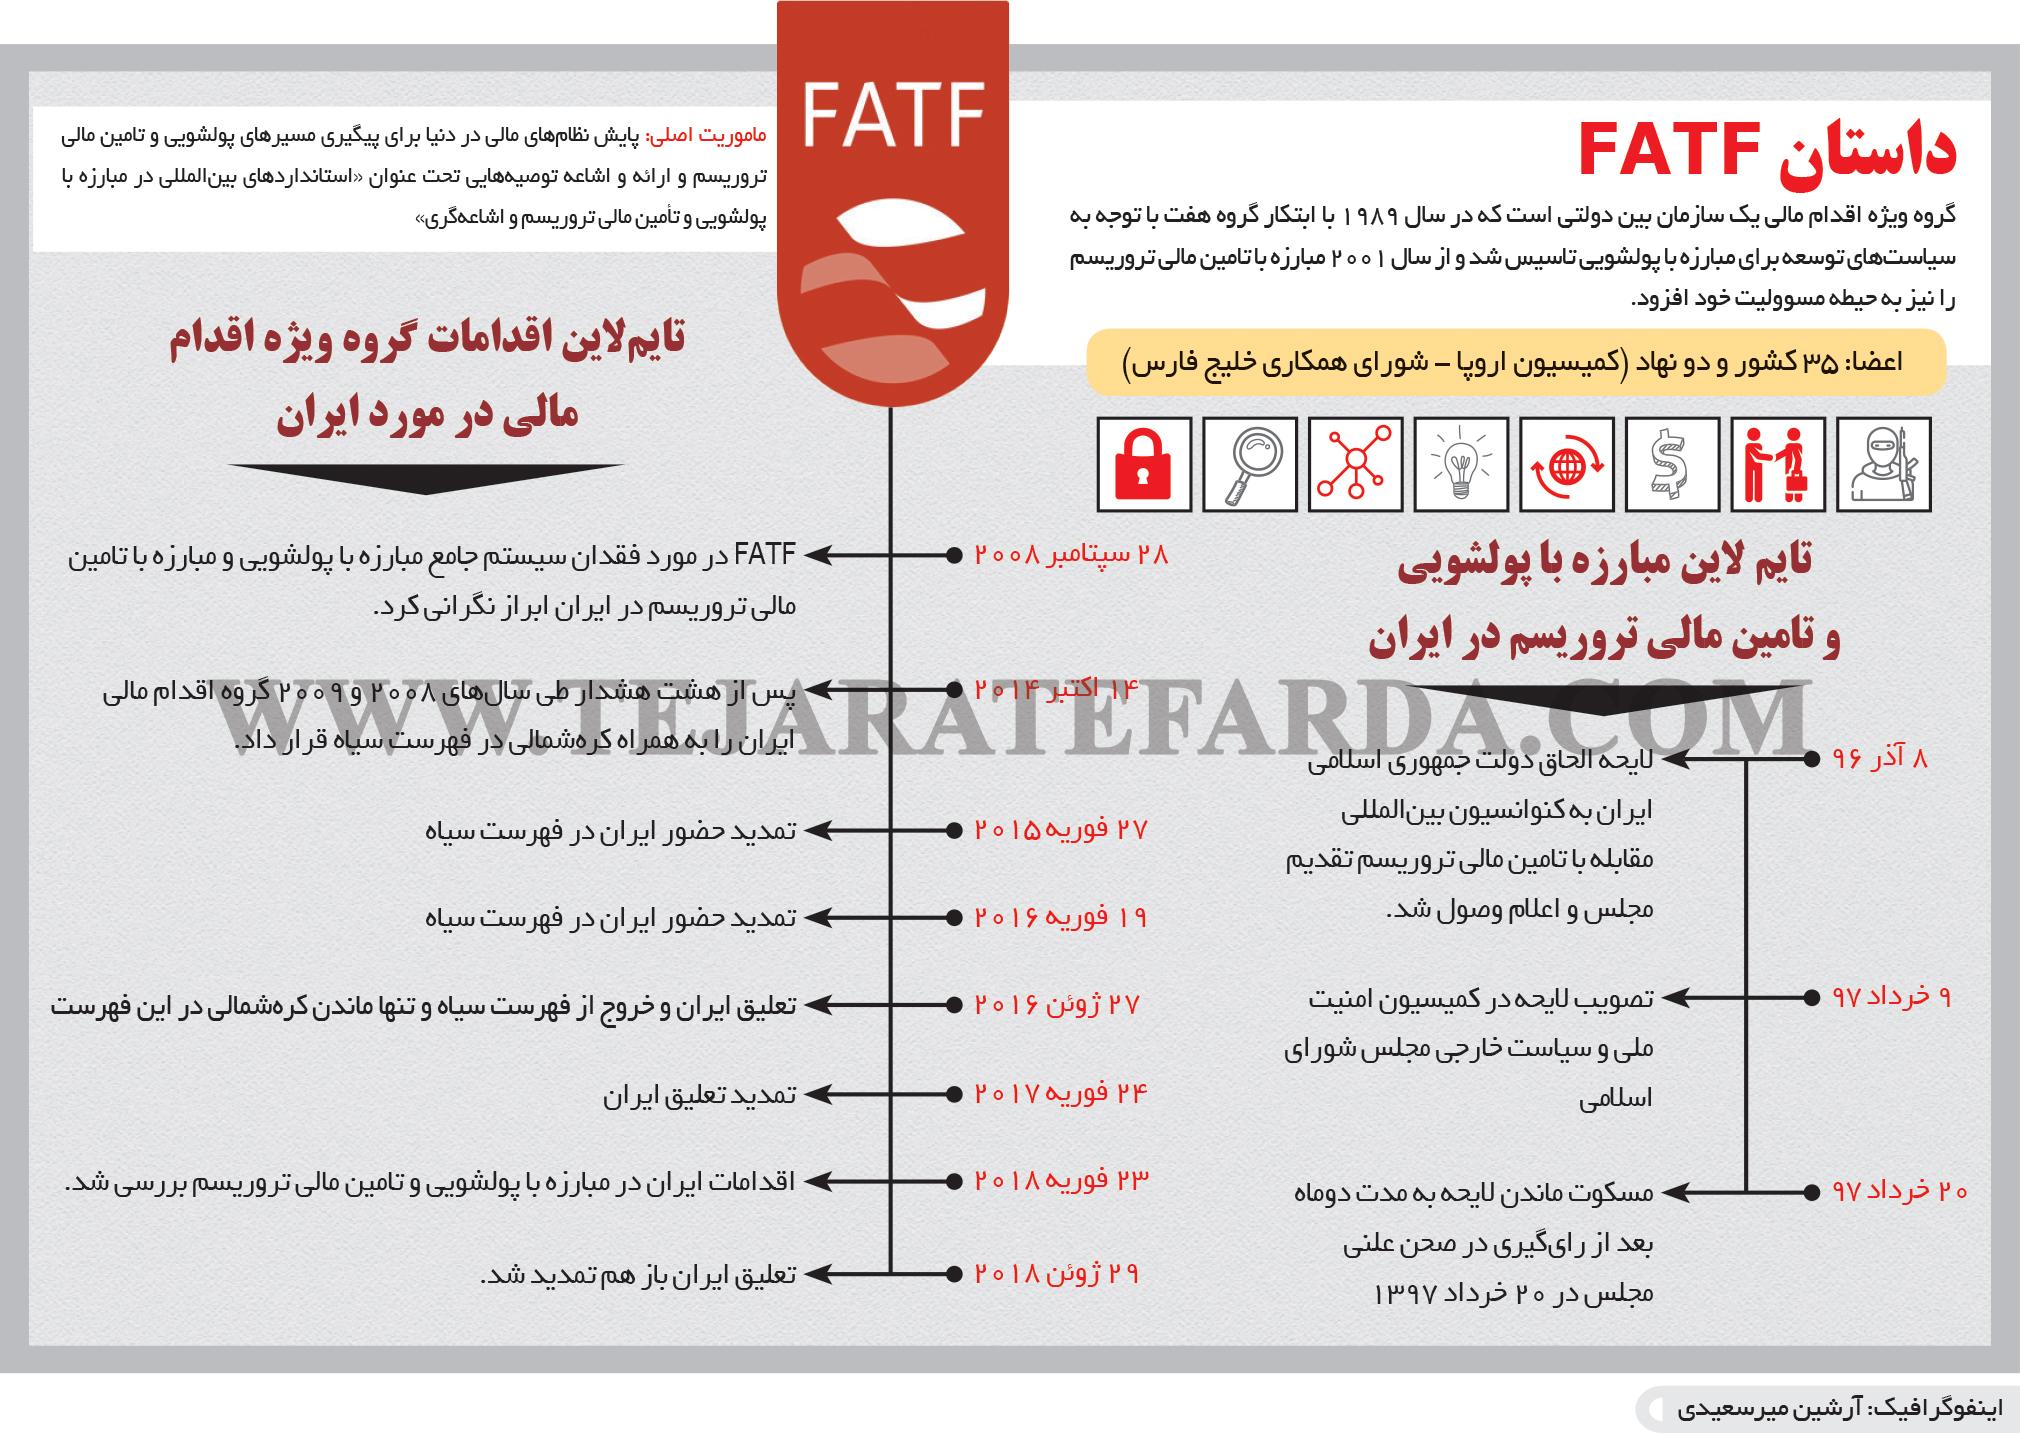 تجارت فردا- اینفوگرافیک- داستان FATF